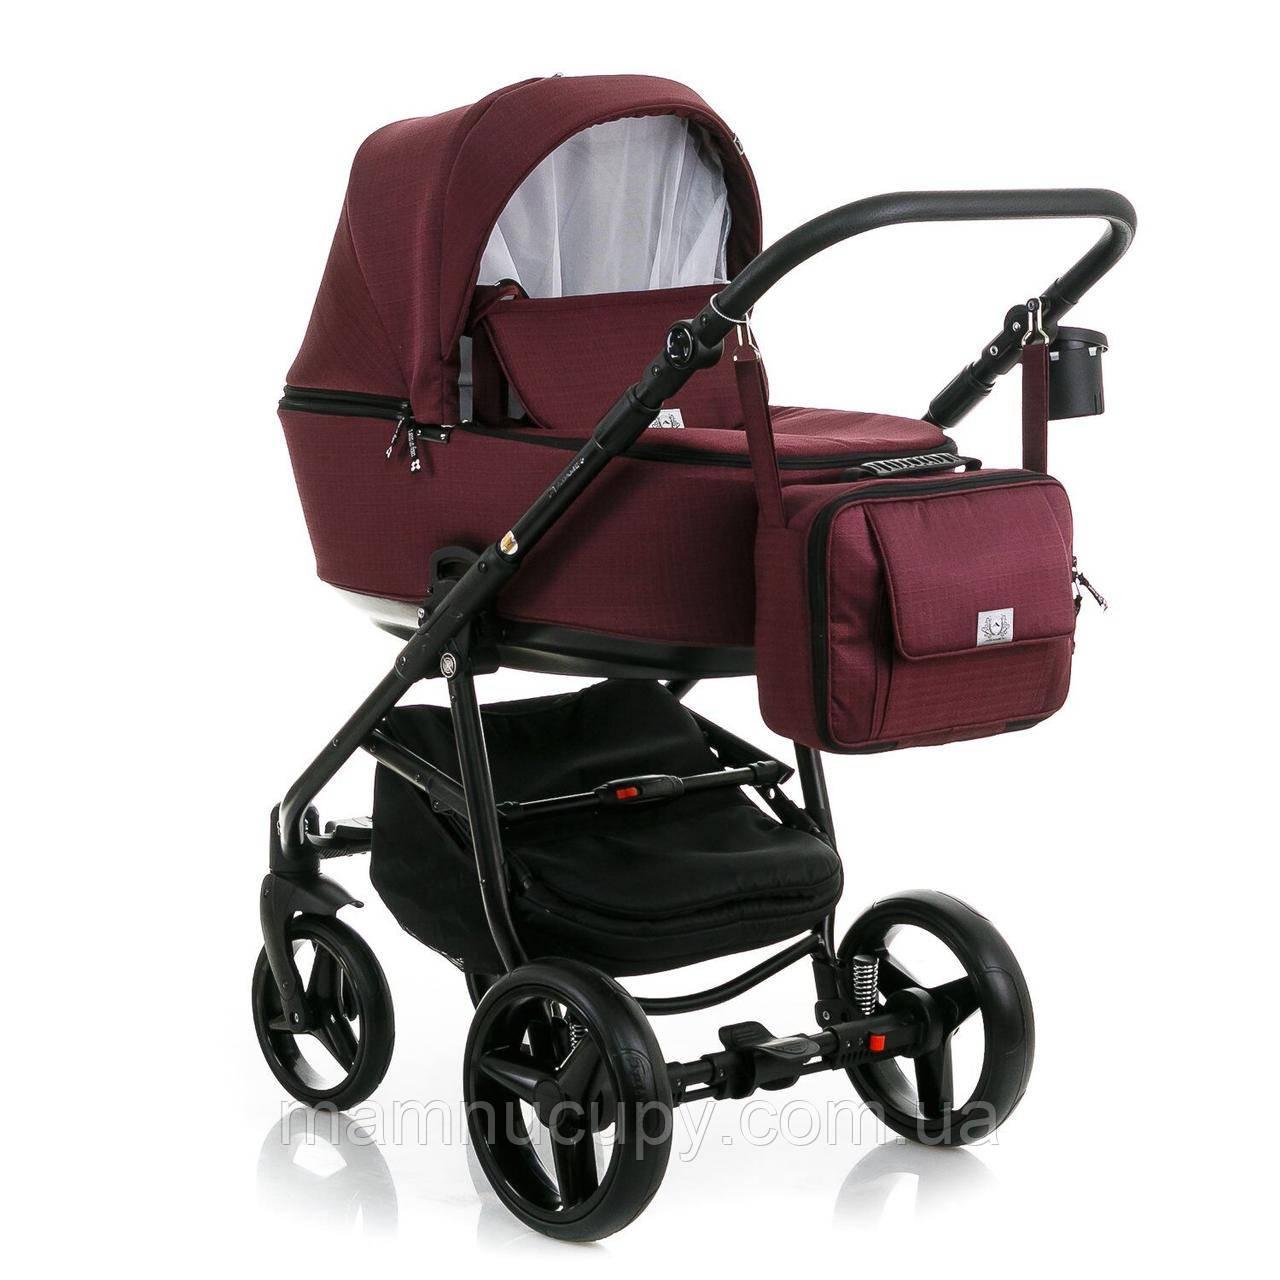 Детская универсальная коляска 2 в 1 Adamex Reggio Y20 (адамекс реджио)